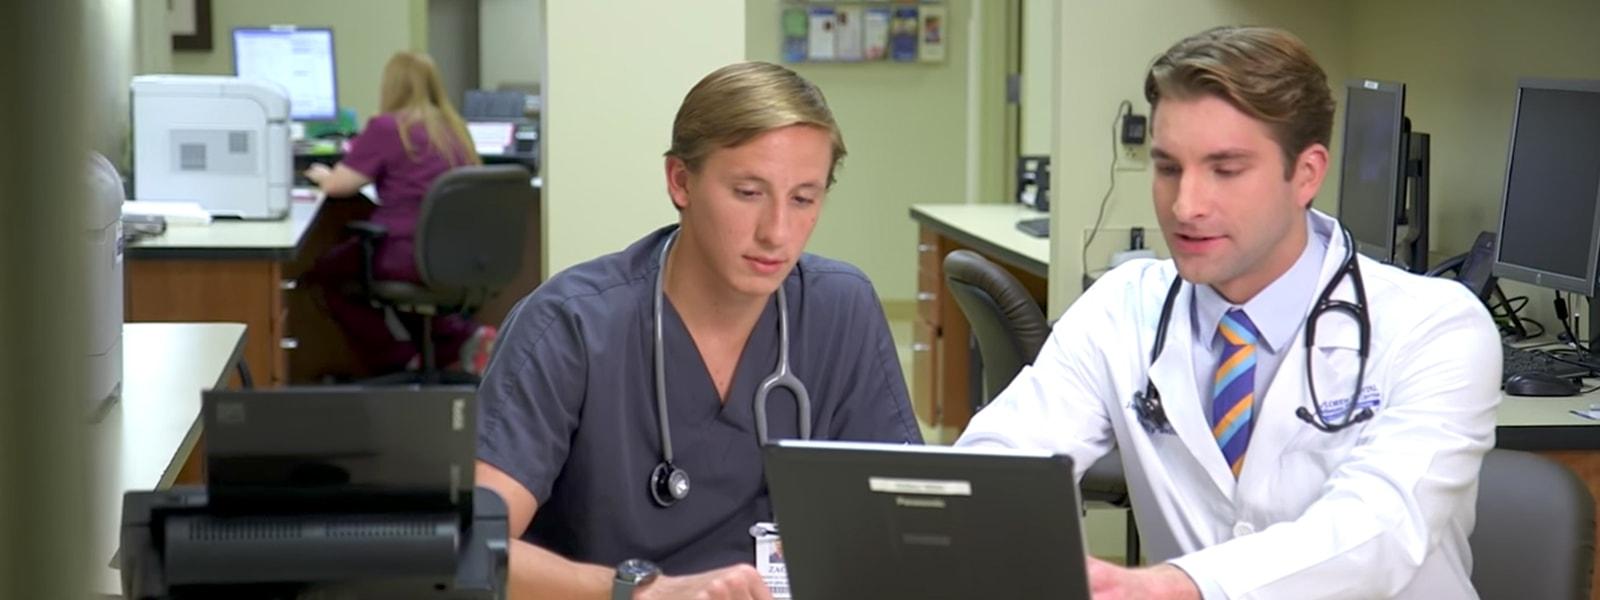 Zwei Mitarbeiter des Gesundheitswesens bei der Arbeit